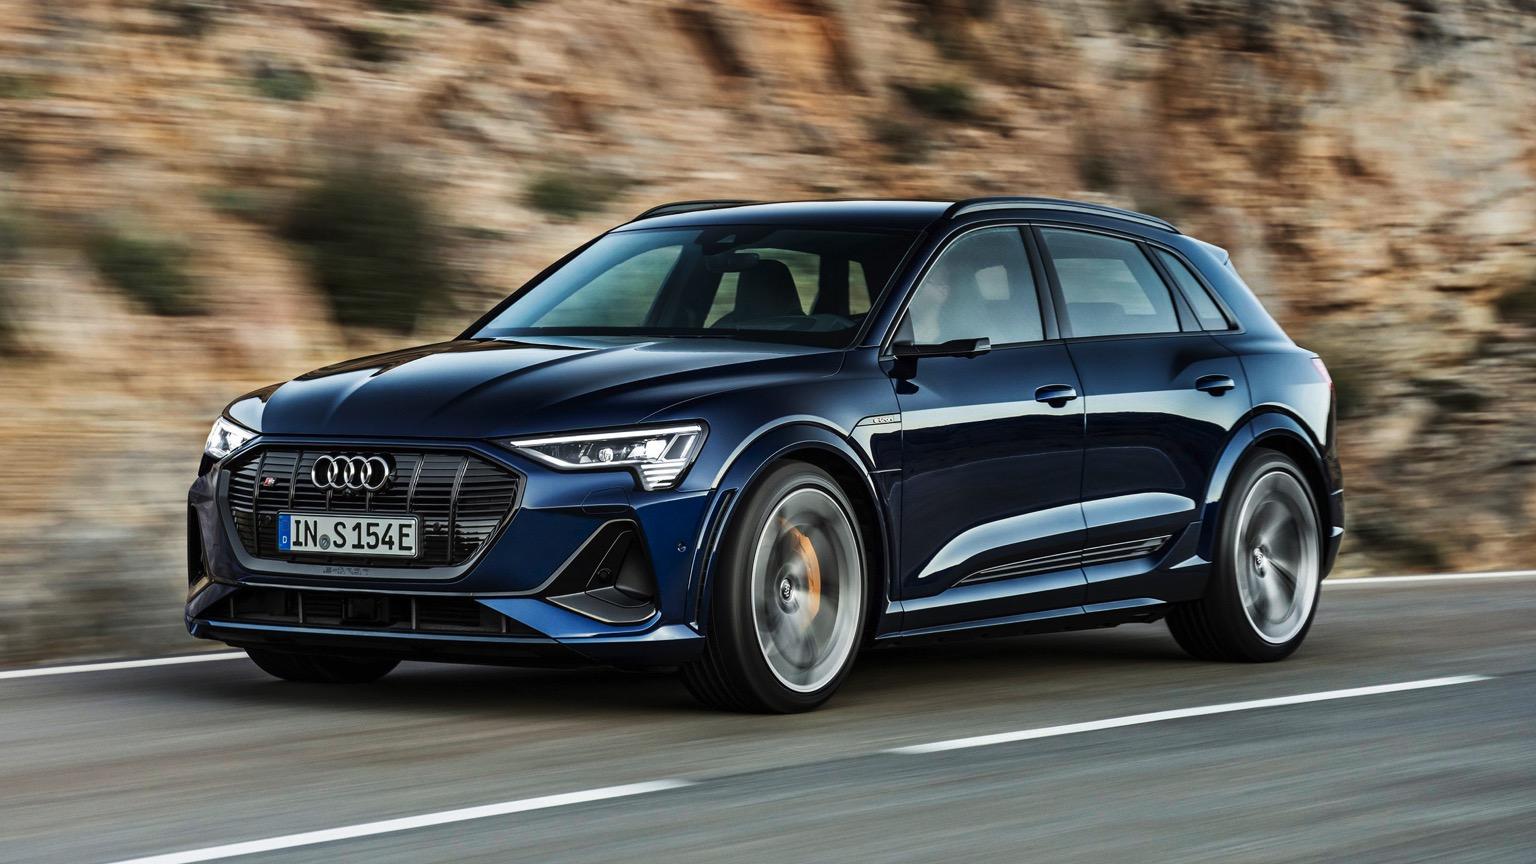 Audi e-tron S 55 quattro (2020)